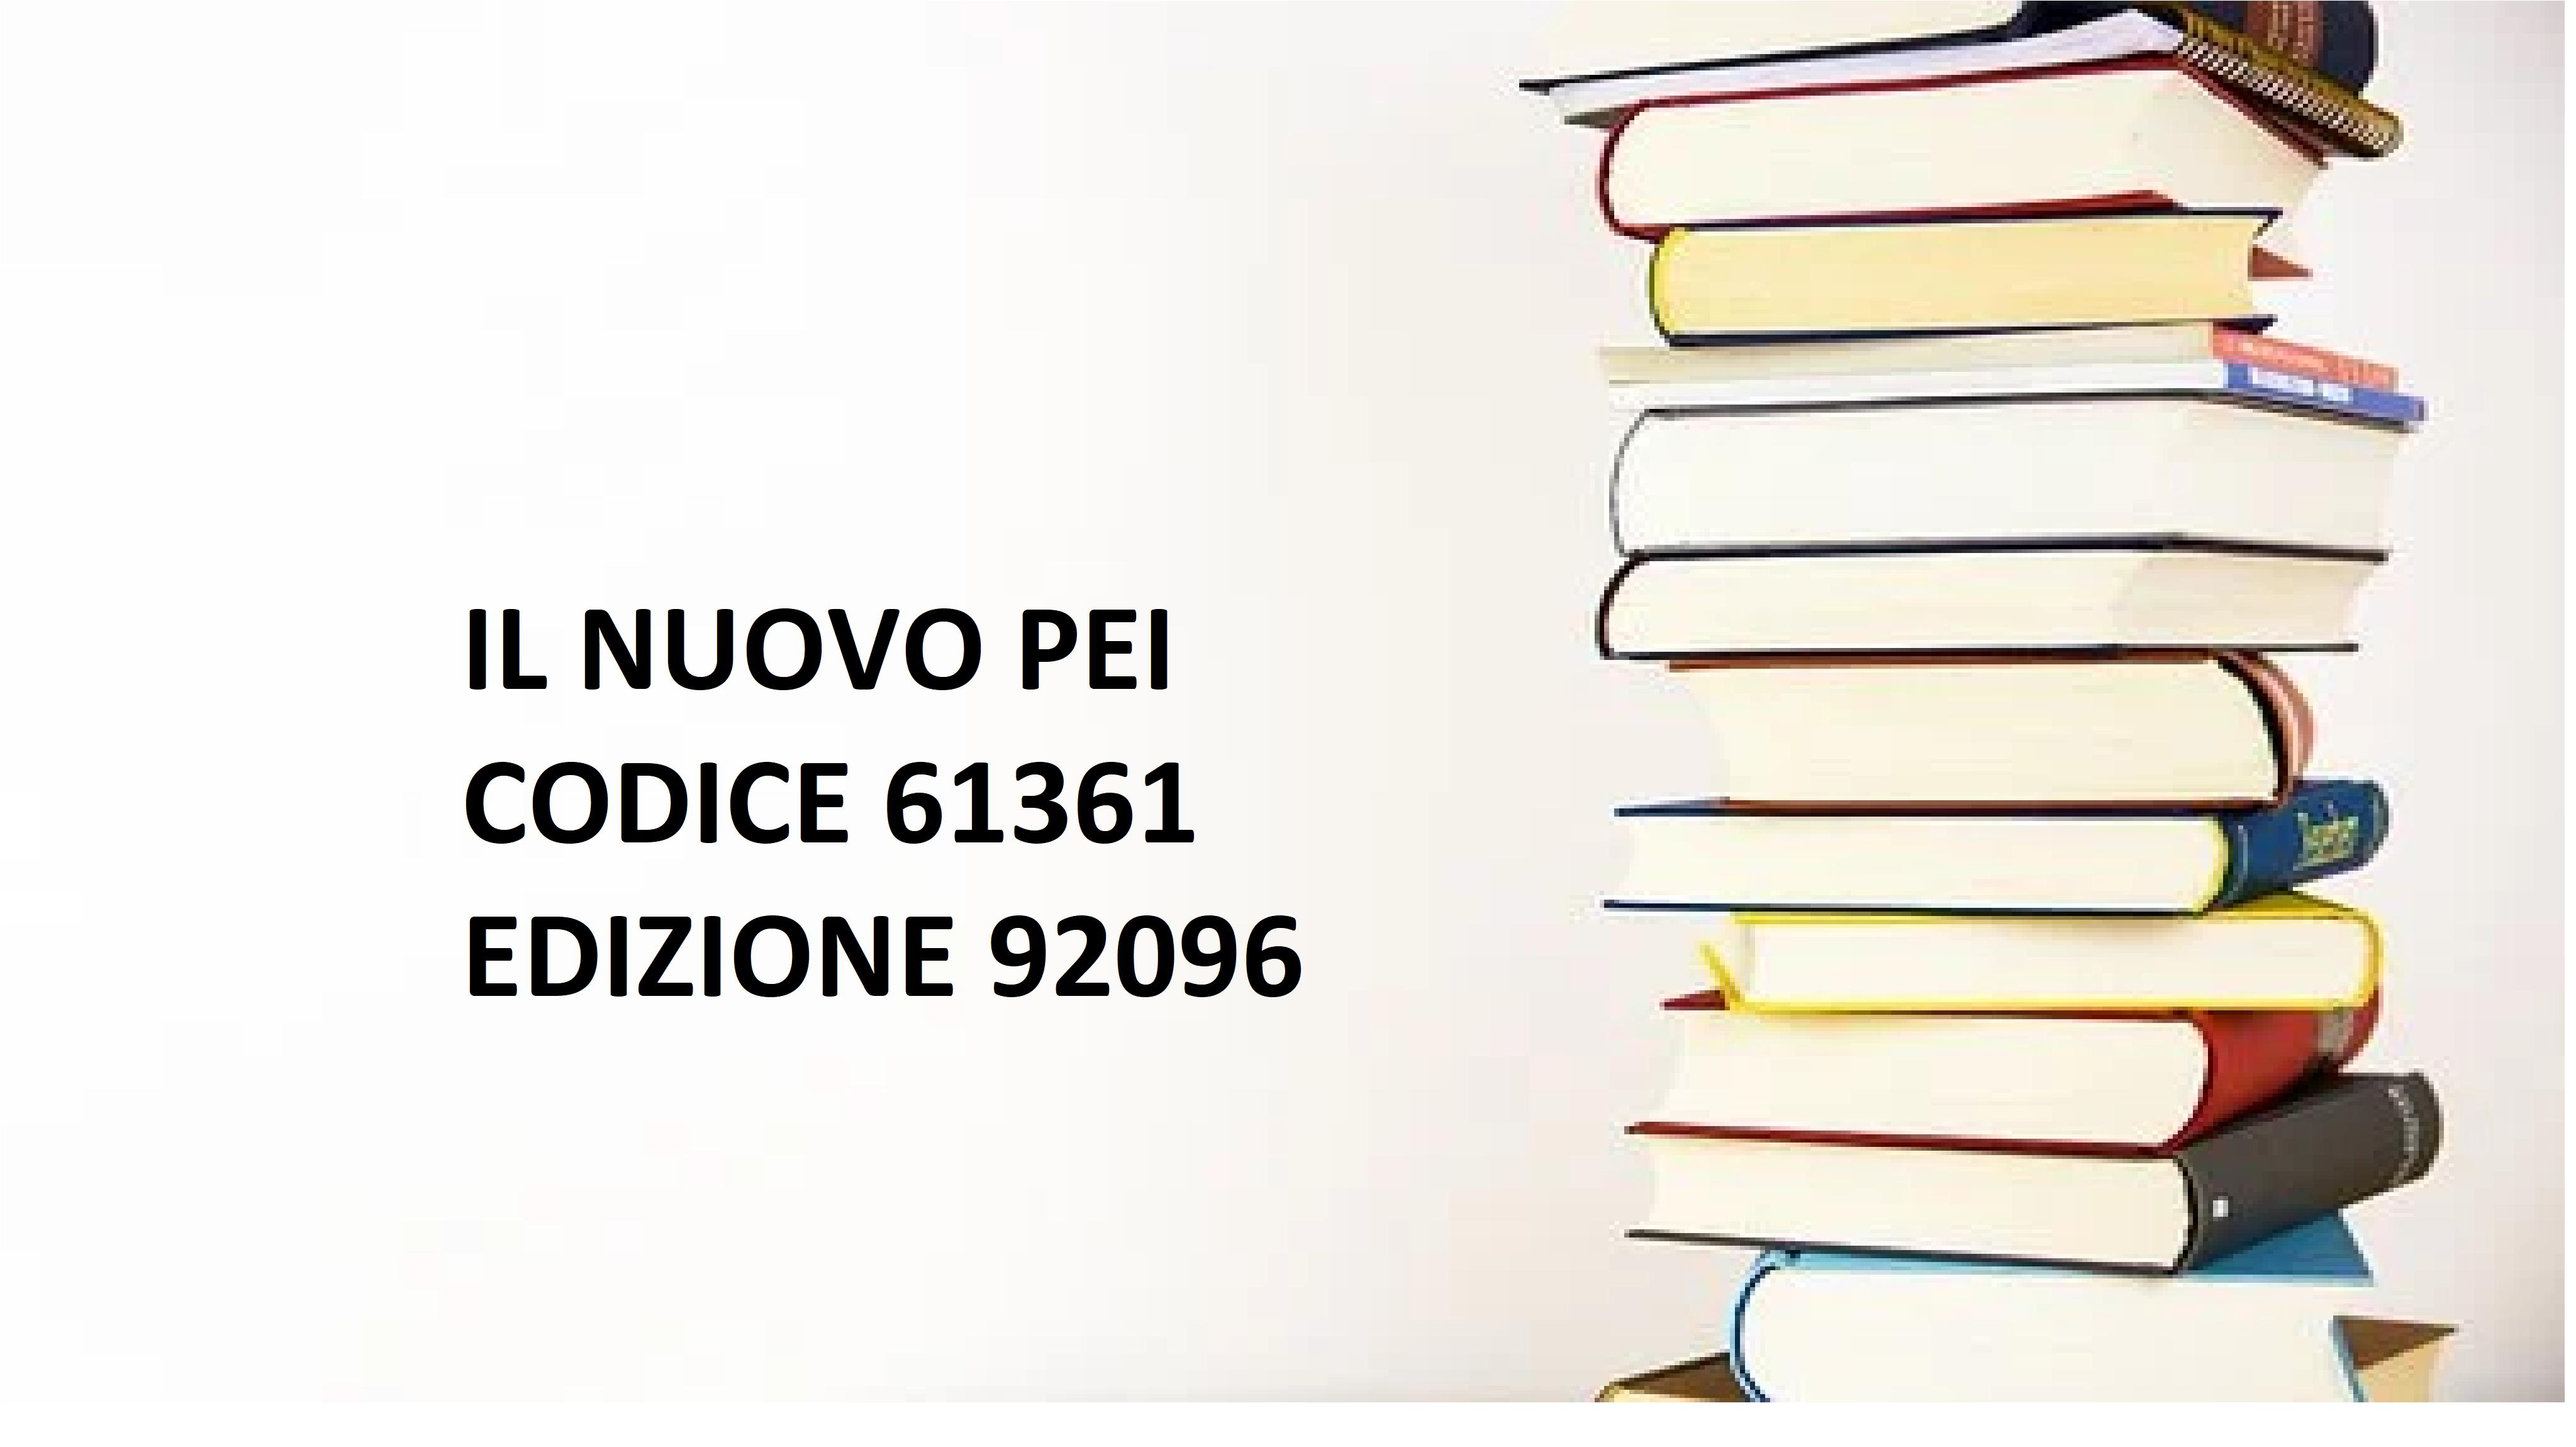 IL NUOVO PEI  codice 61361    EDIZIONE 92096